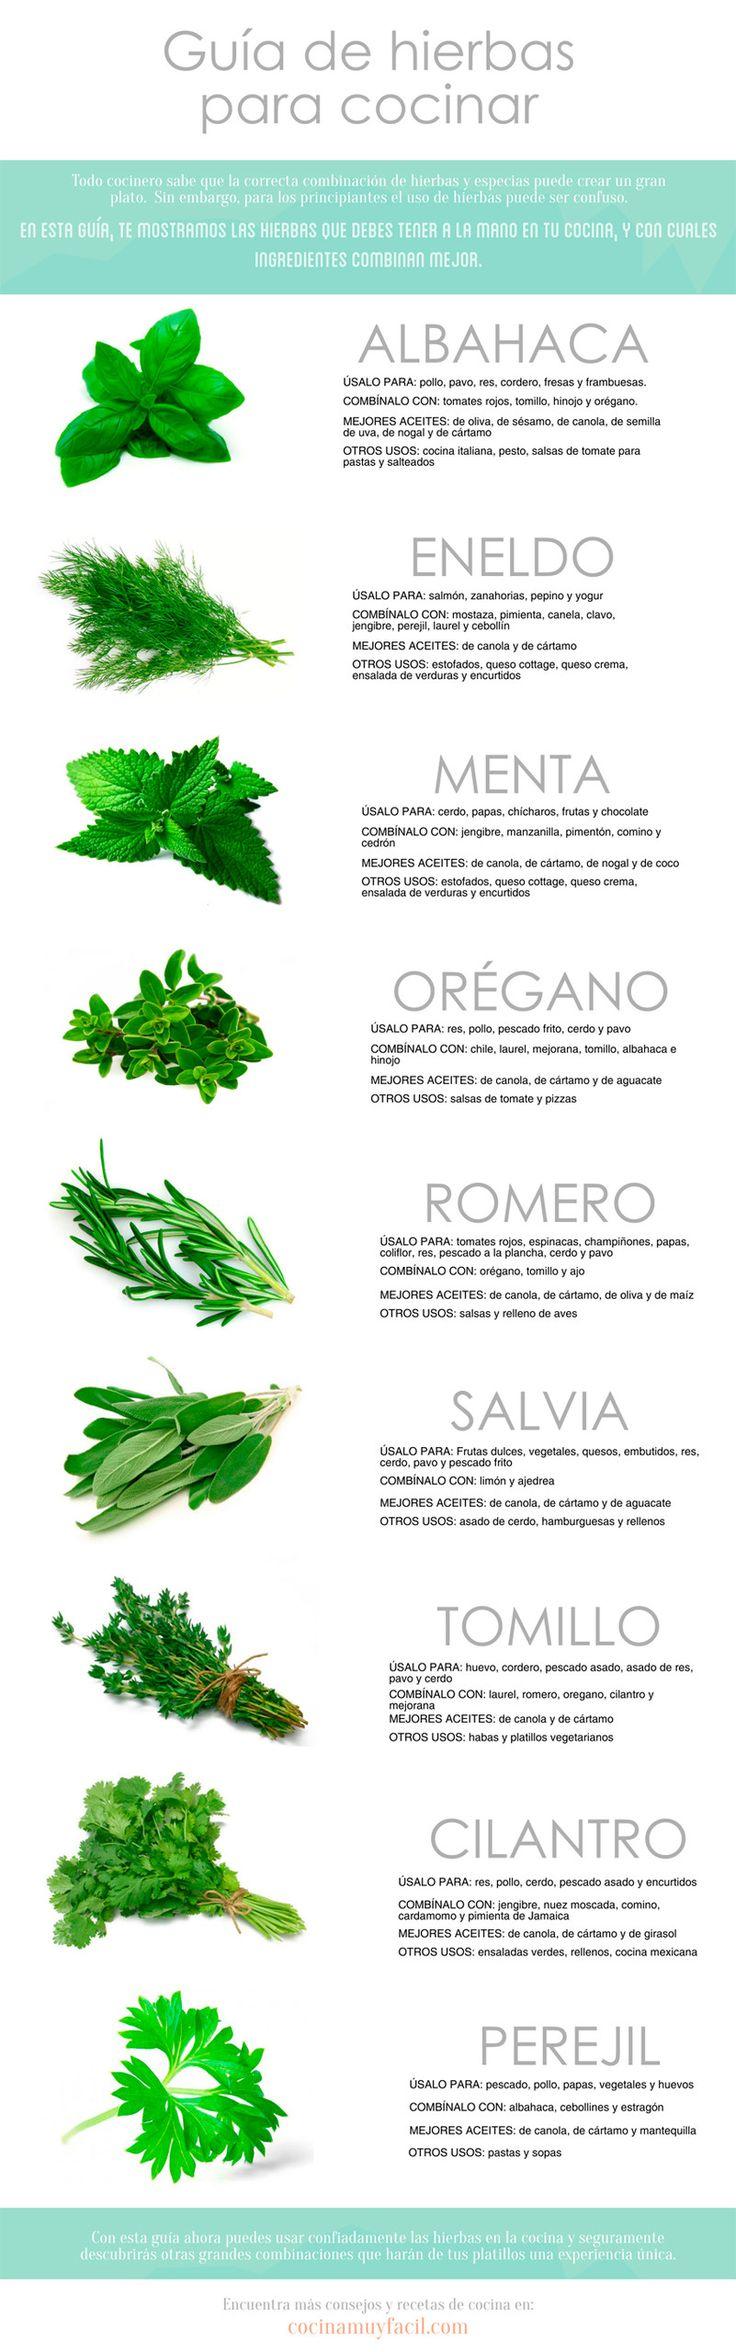 Para tener a la mano: guía de hierbas para cocinar  http://cocinamuyfacil.com/guia-de-hierbas-para-cocinar-infografia/